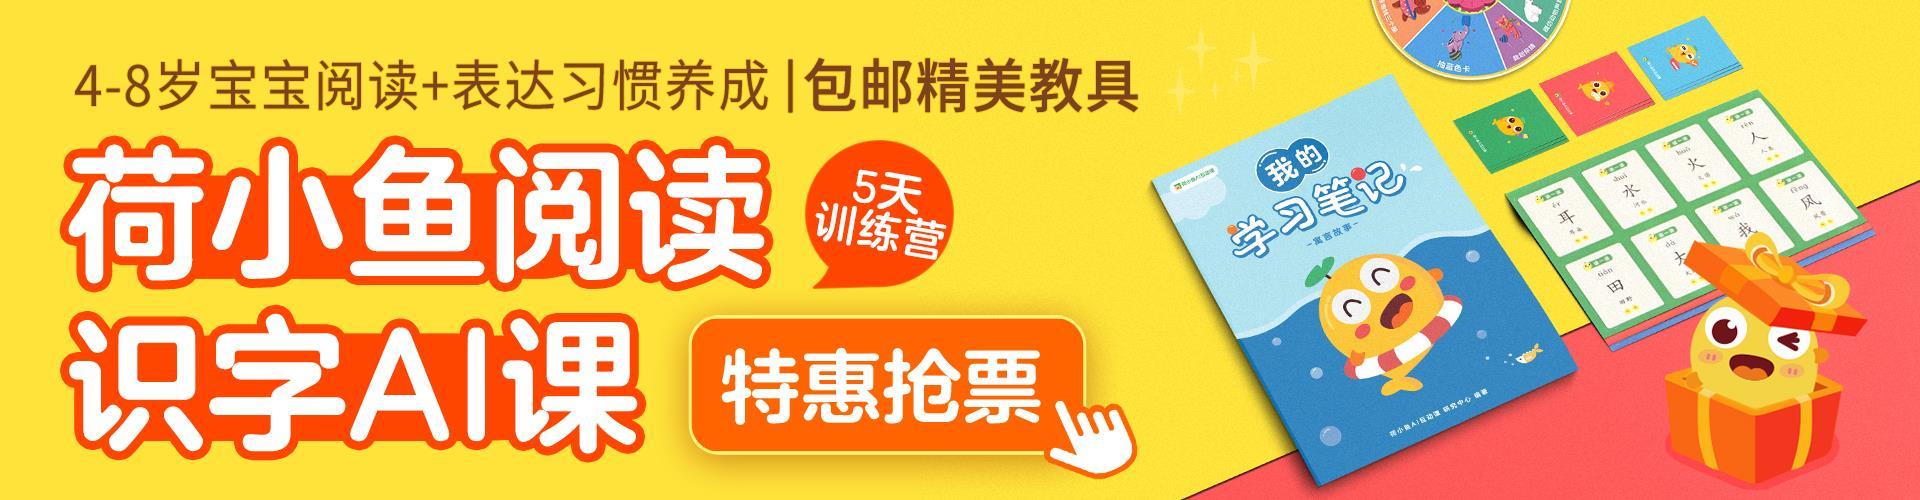 【9.9元抢】荷小鱼语文|价值199元《荷小鱼5天阅读识字训练营》(含配套教具)